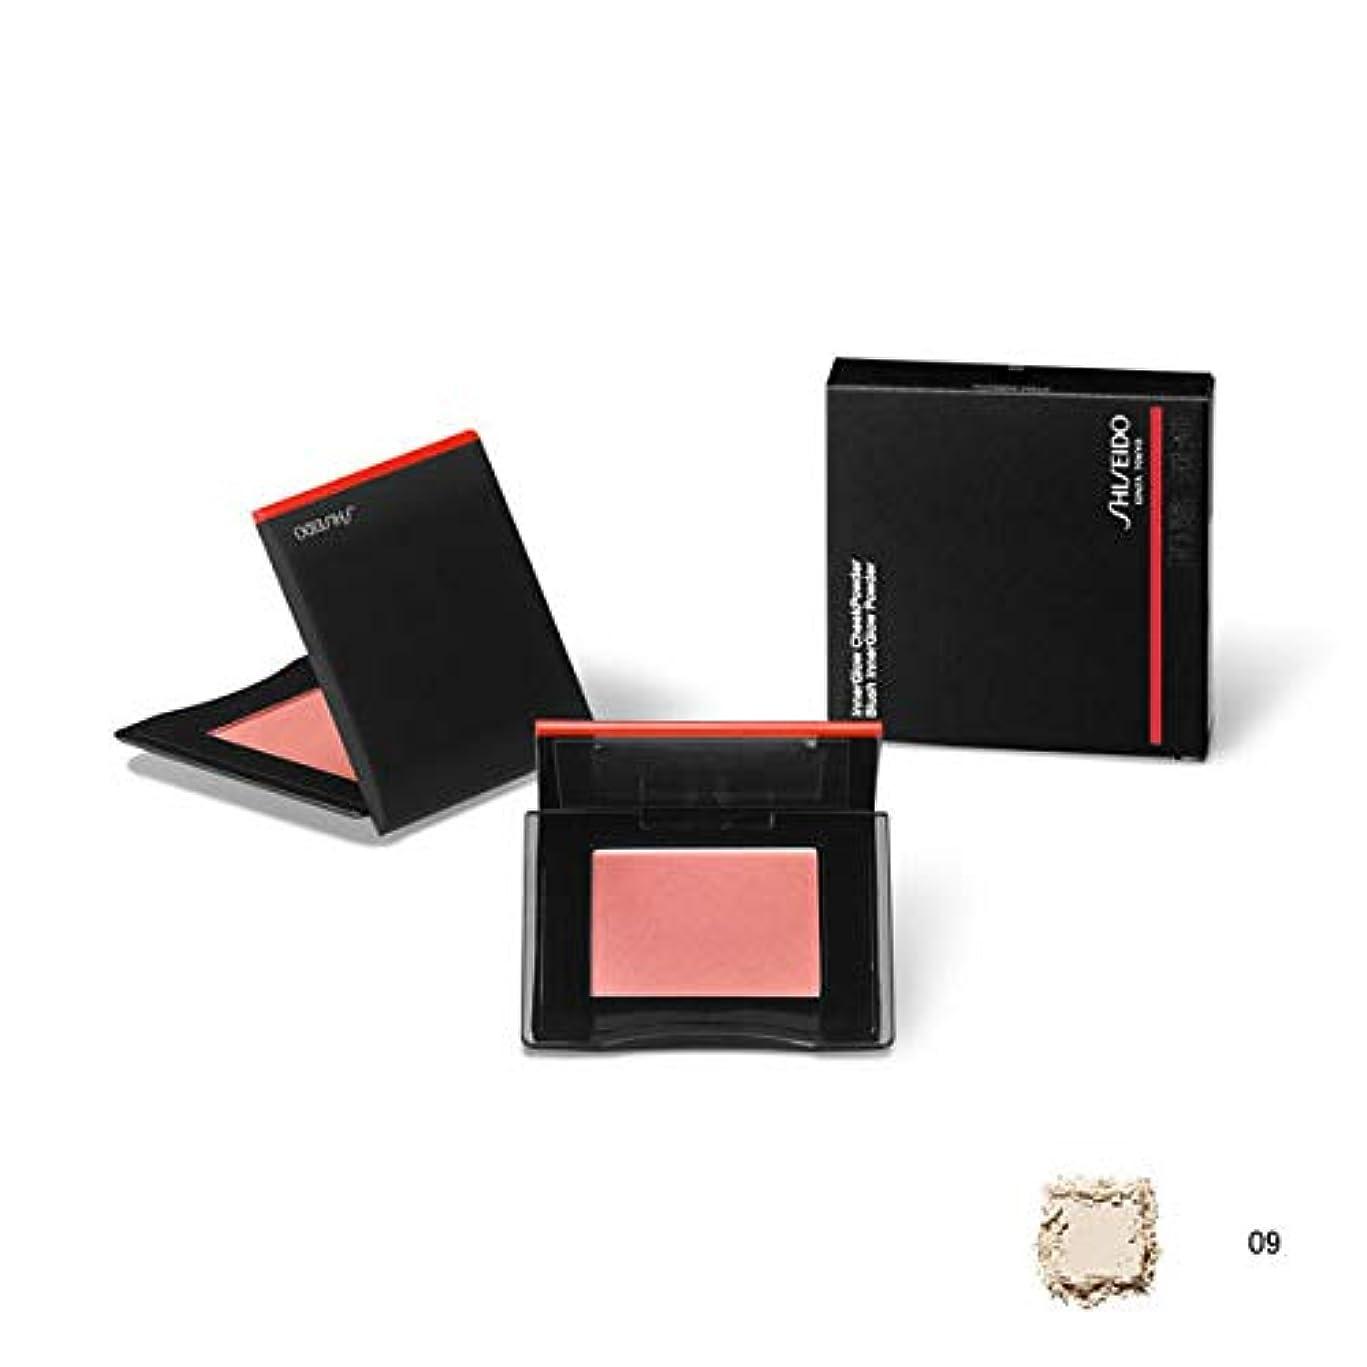 アウトドアうつ宗教SHISEIDO Makeup(資生堂 メーキャップ) SHISEIDO(資生堂) SHISEIDO インナーグロウ チークパウダー 4g (09)